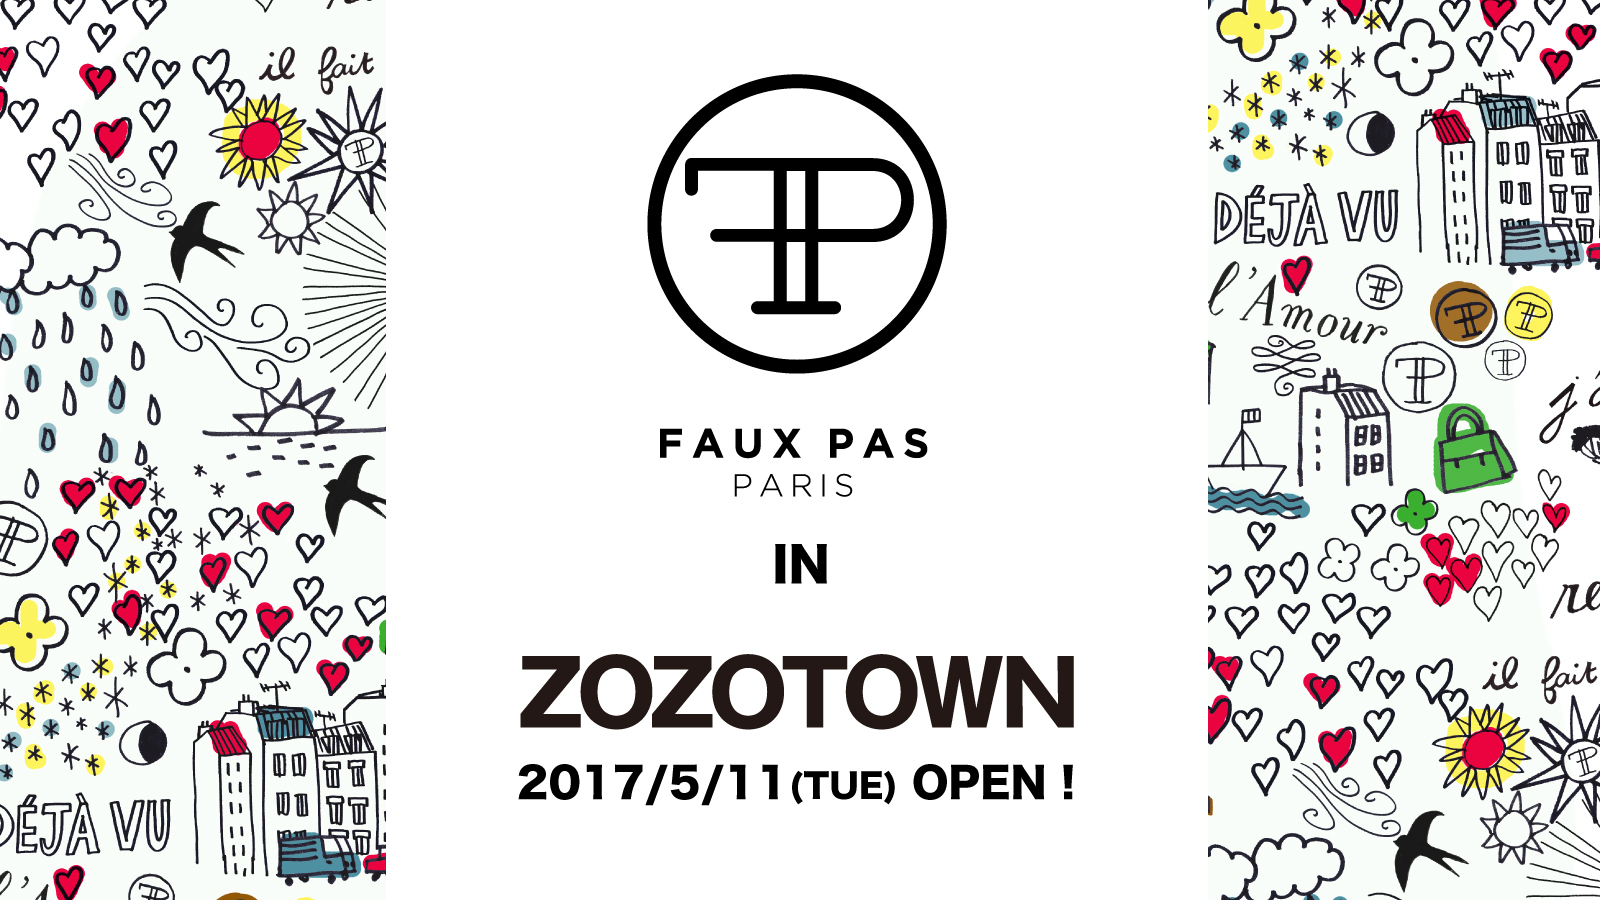 Faux Pas Paris(フォーパパリ)